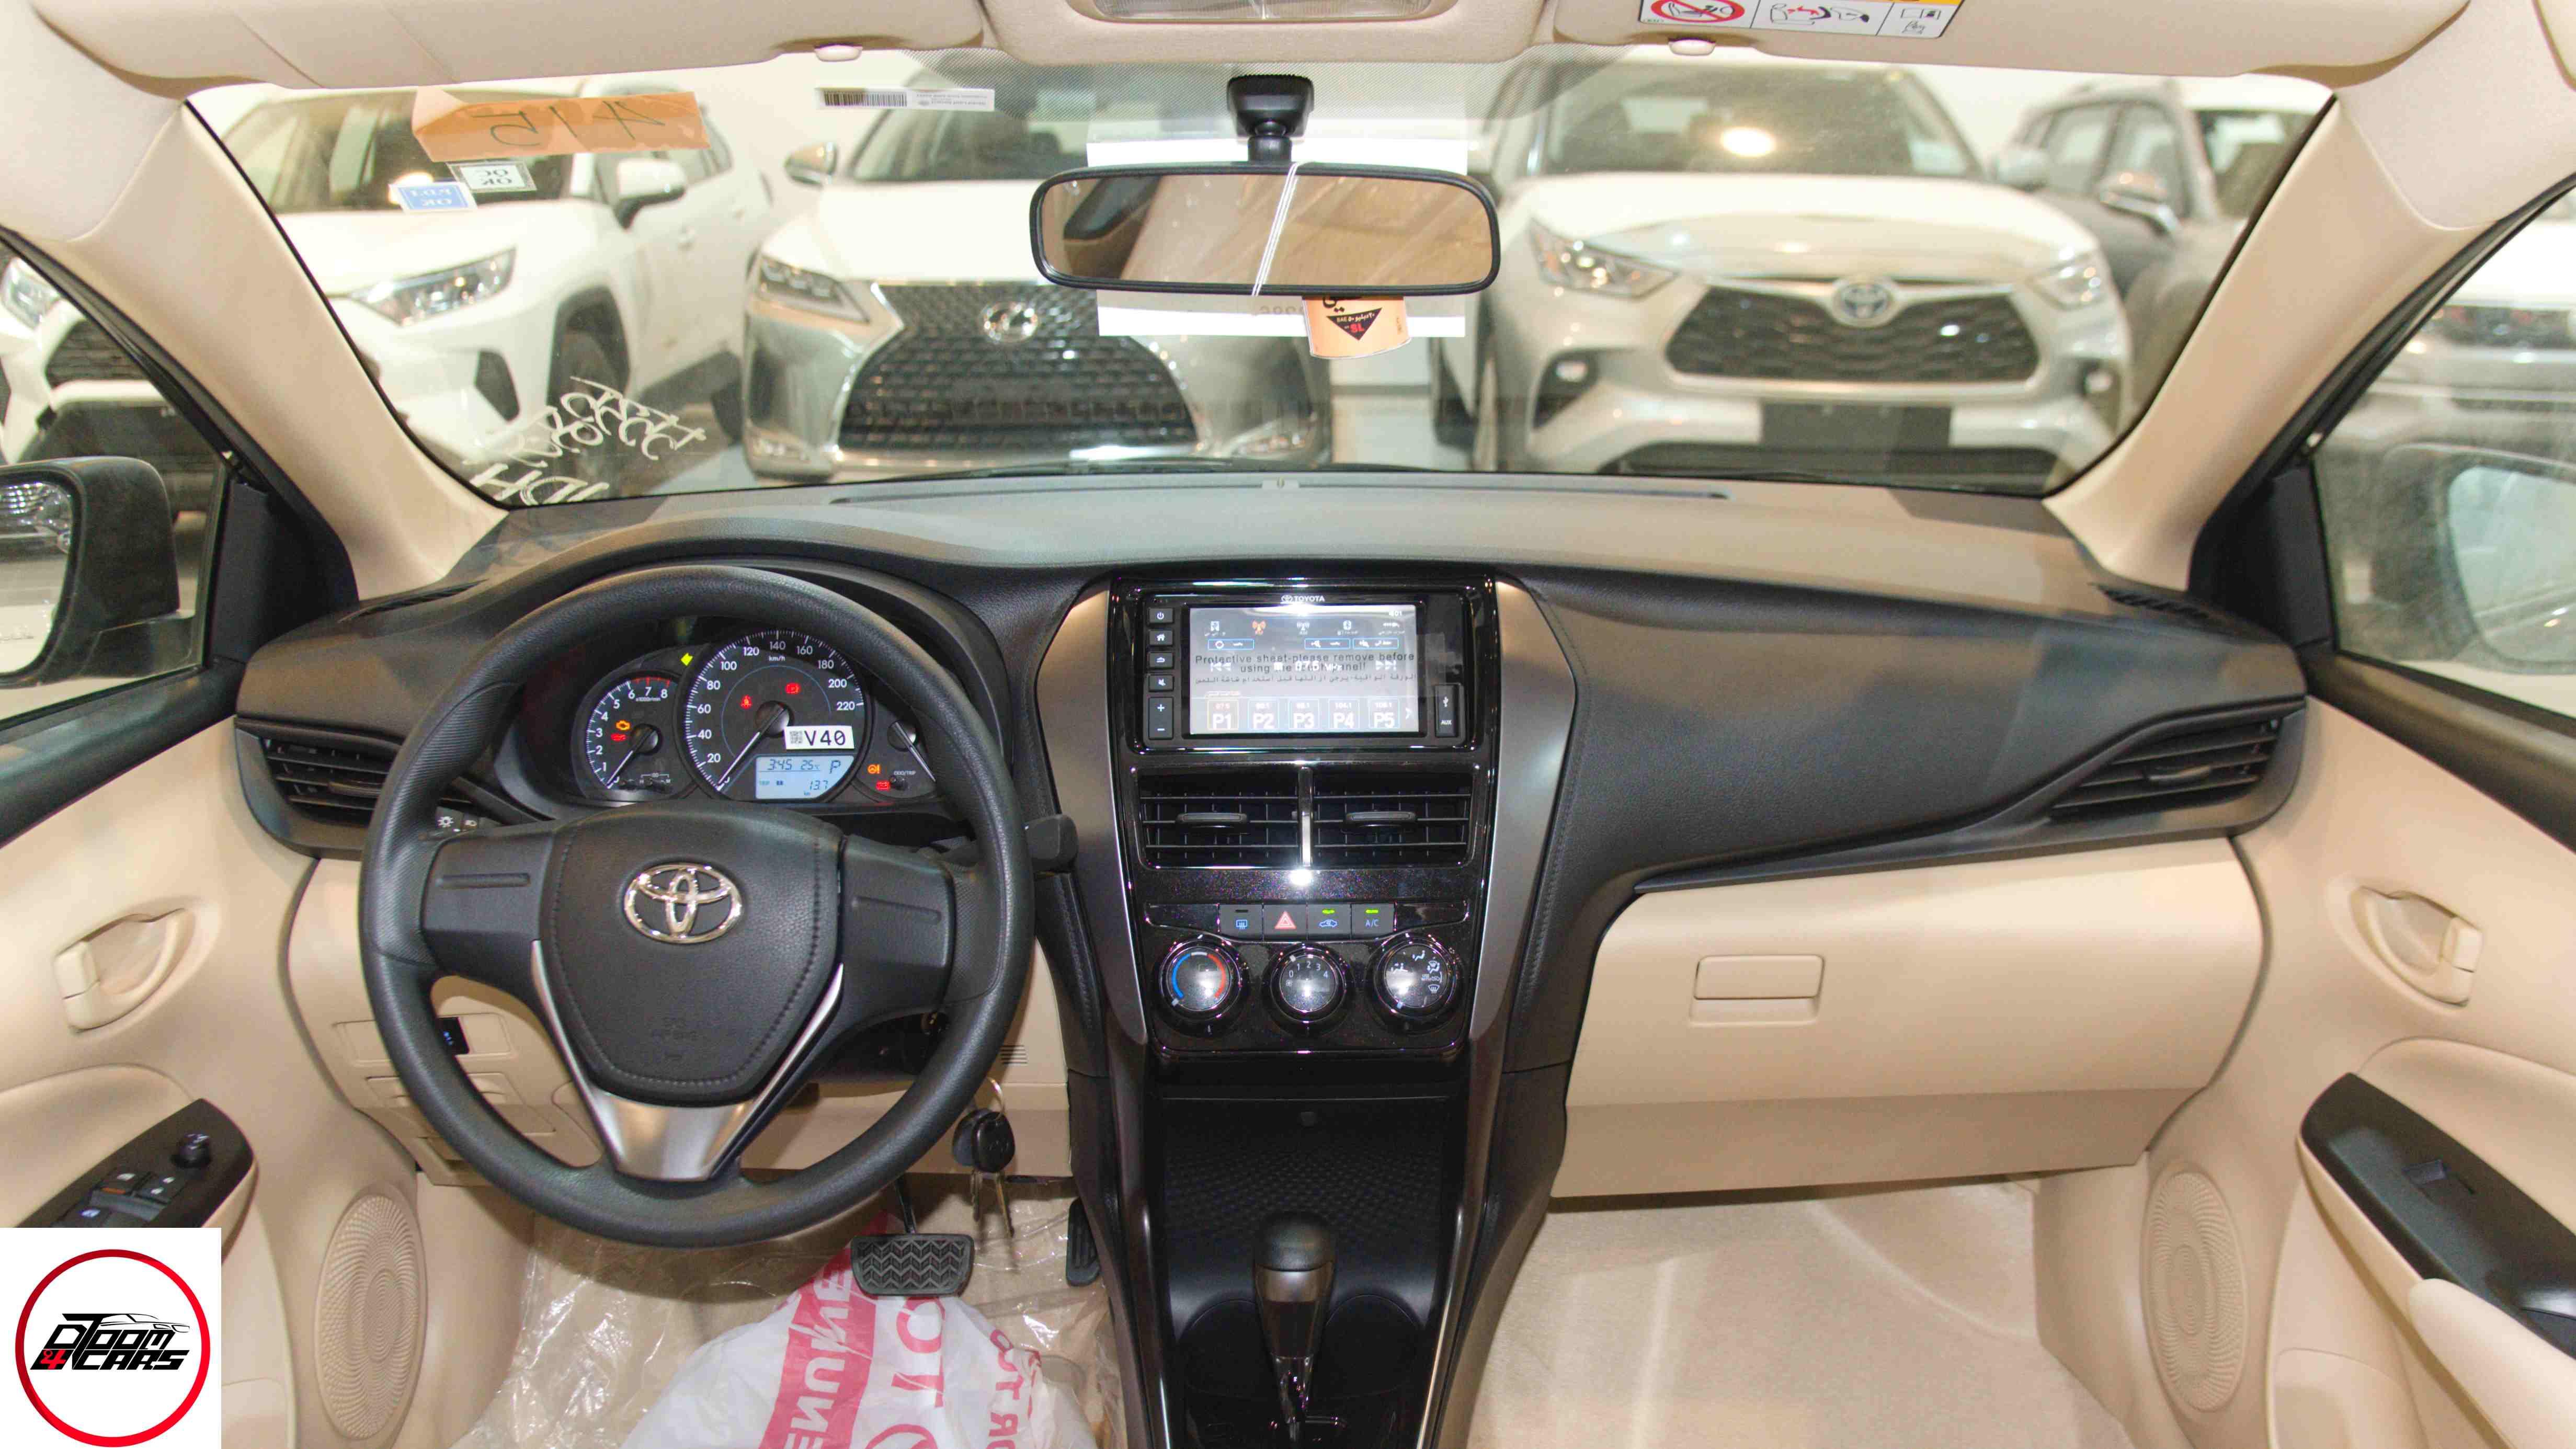 تويوتا يارس 2021 طيس Y شاشة سعودي جديد للبيع في الرياض - السعودية - صورة كبيرة - 6